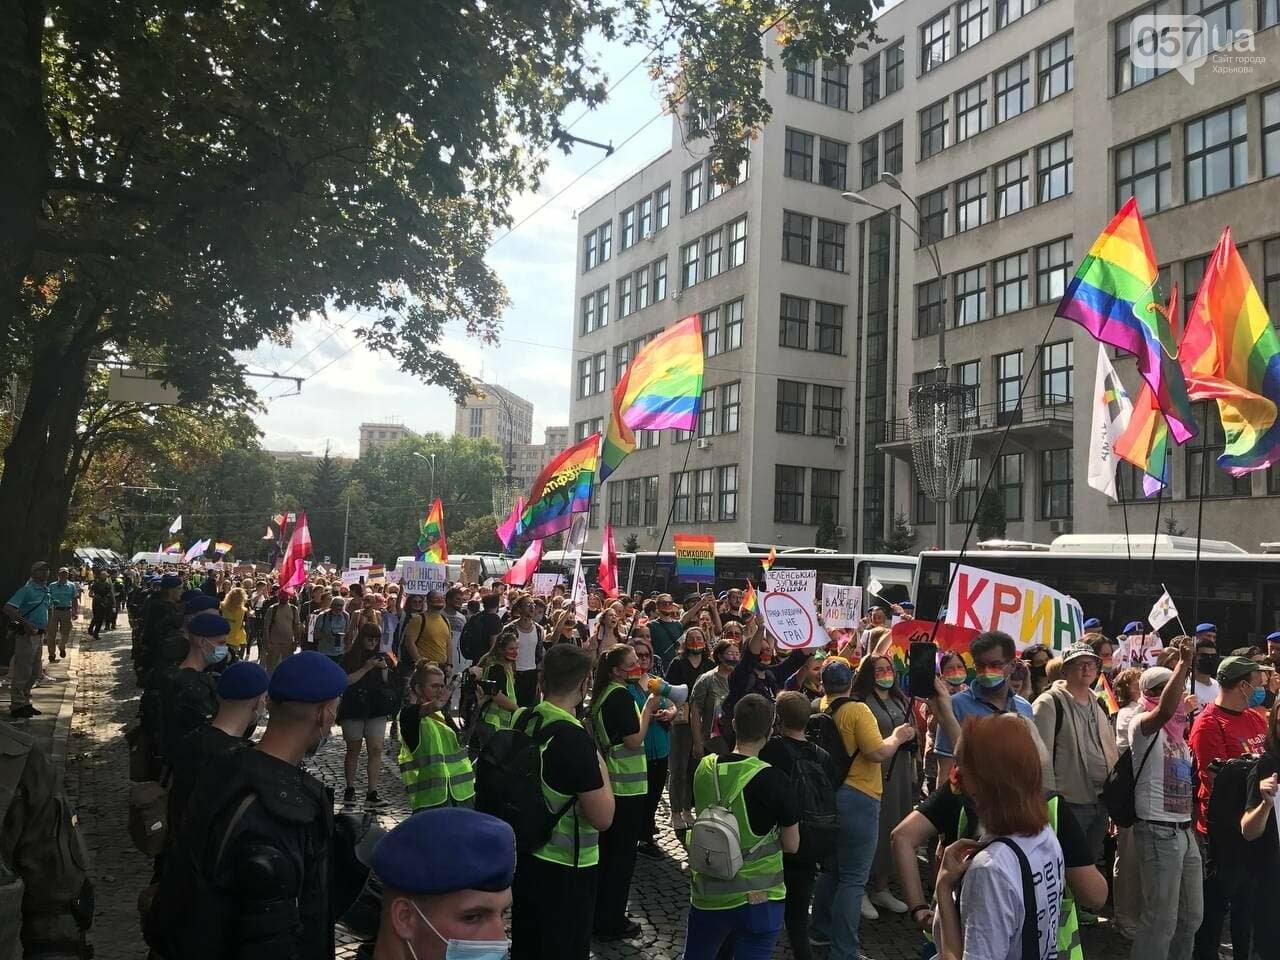 «Нет важней любви». Как в центре Харькова прошел ЛГБТ-марш, - ФОТОРЕПОРТАЖ, фото-11